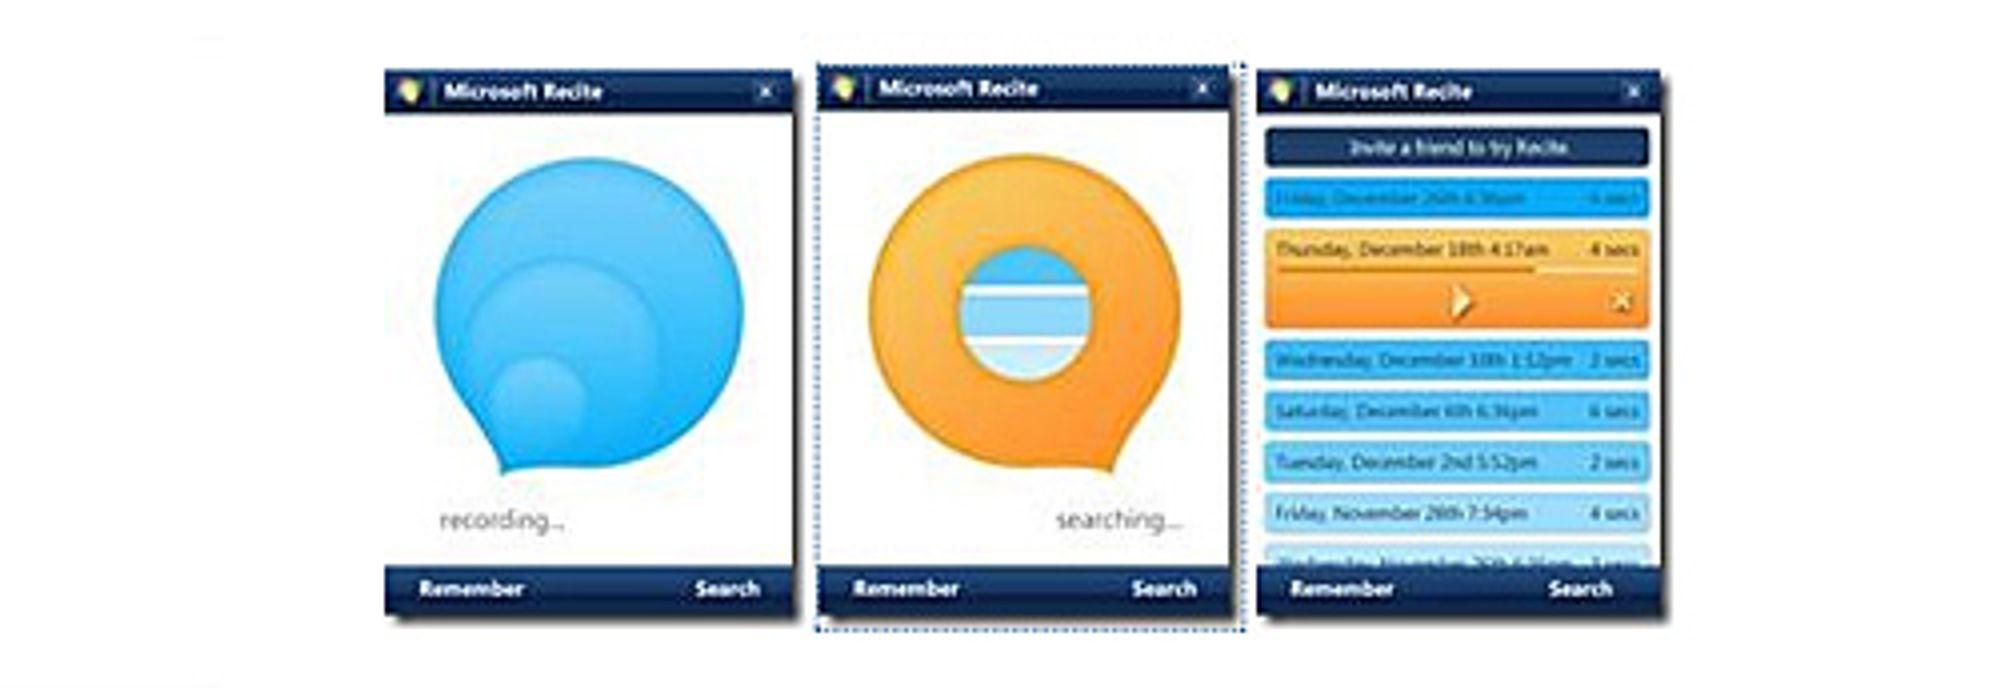 Skjermbilder fra Recite. (Foto: Microsoft)